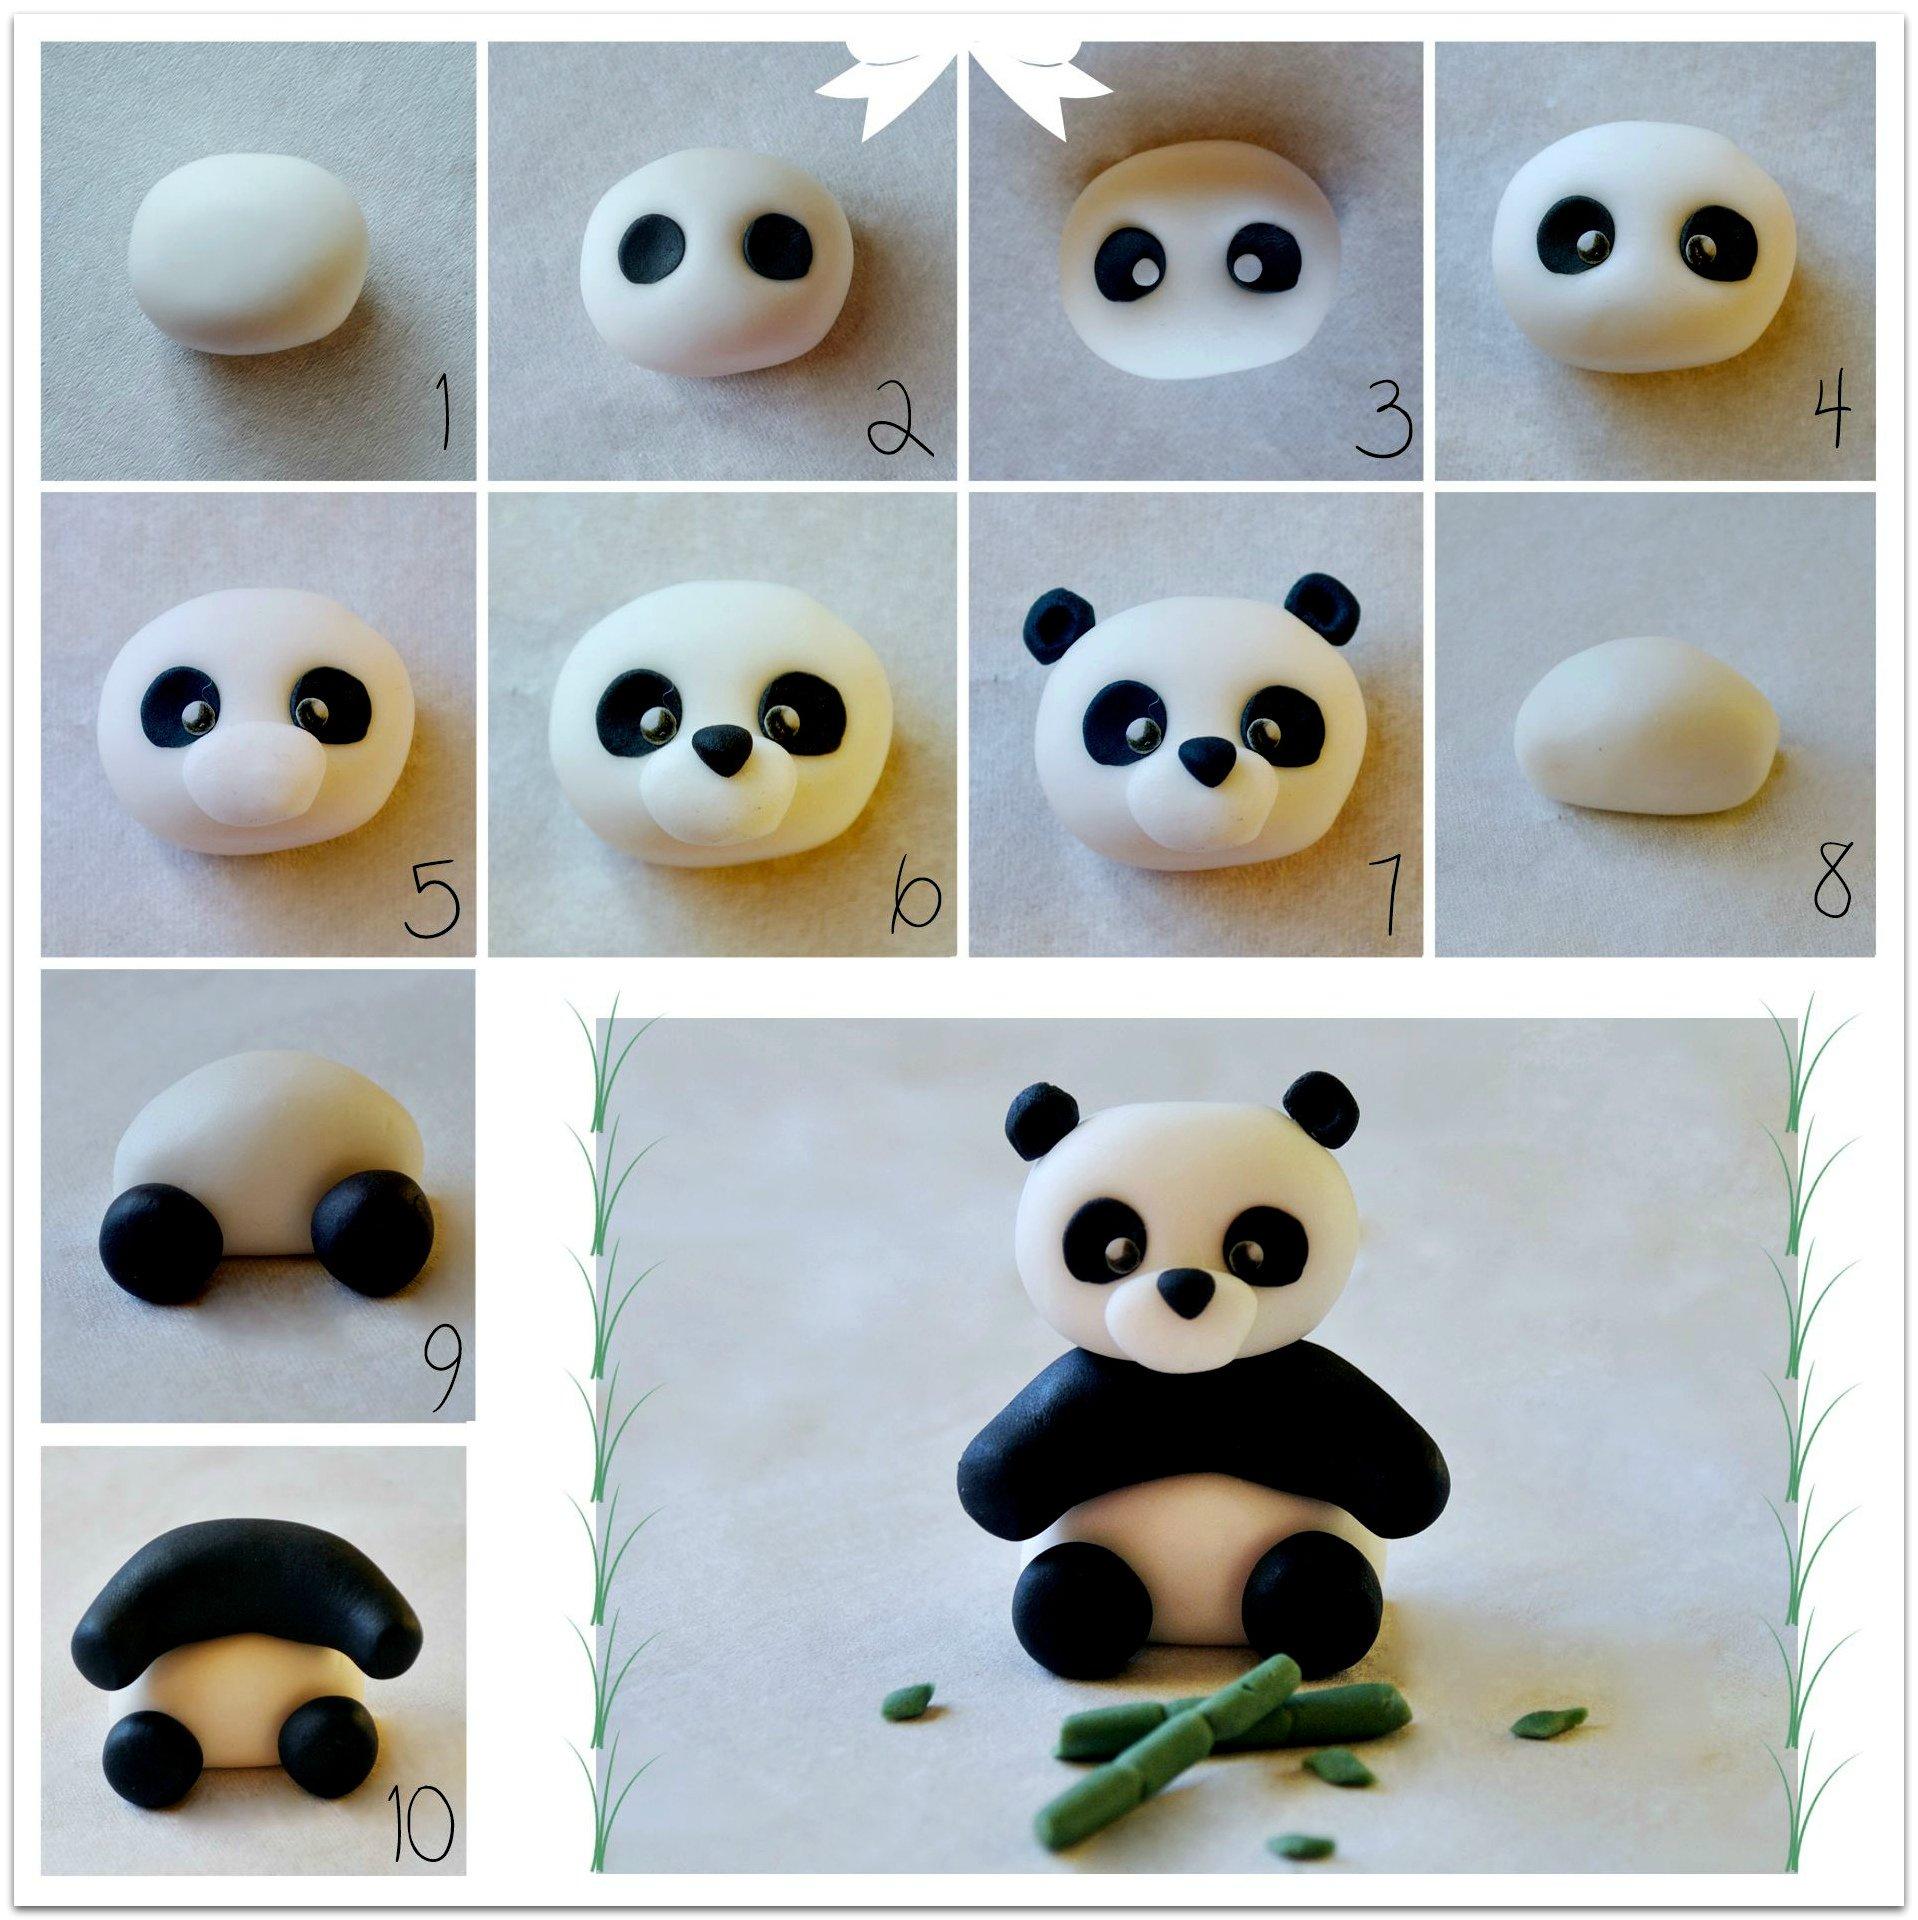 картинка животные из пластилина данный